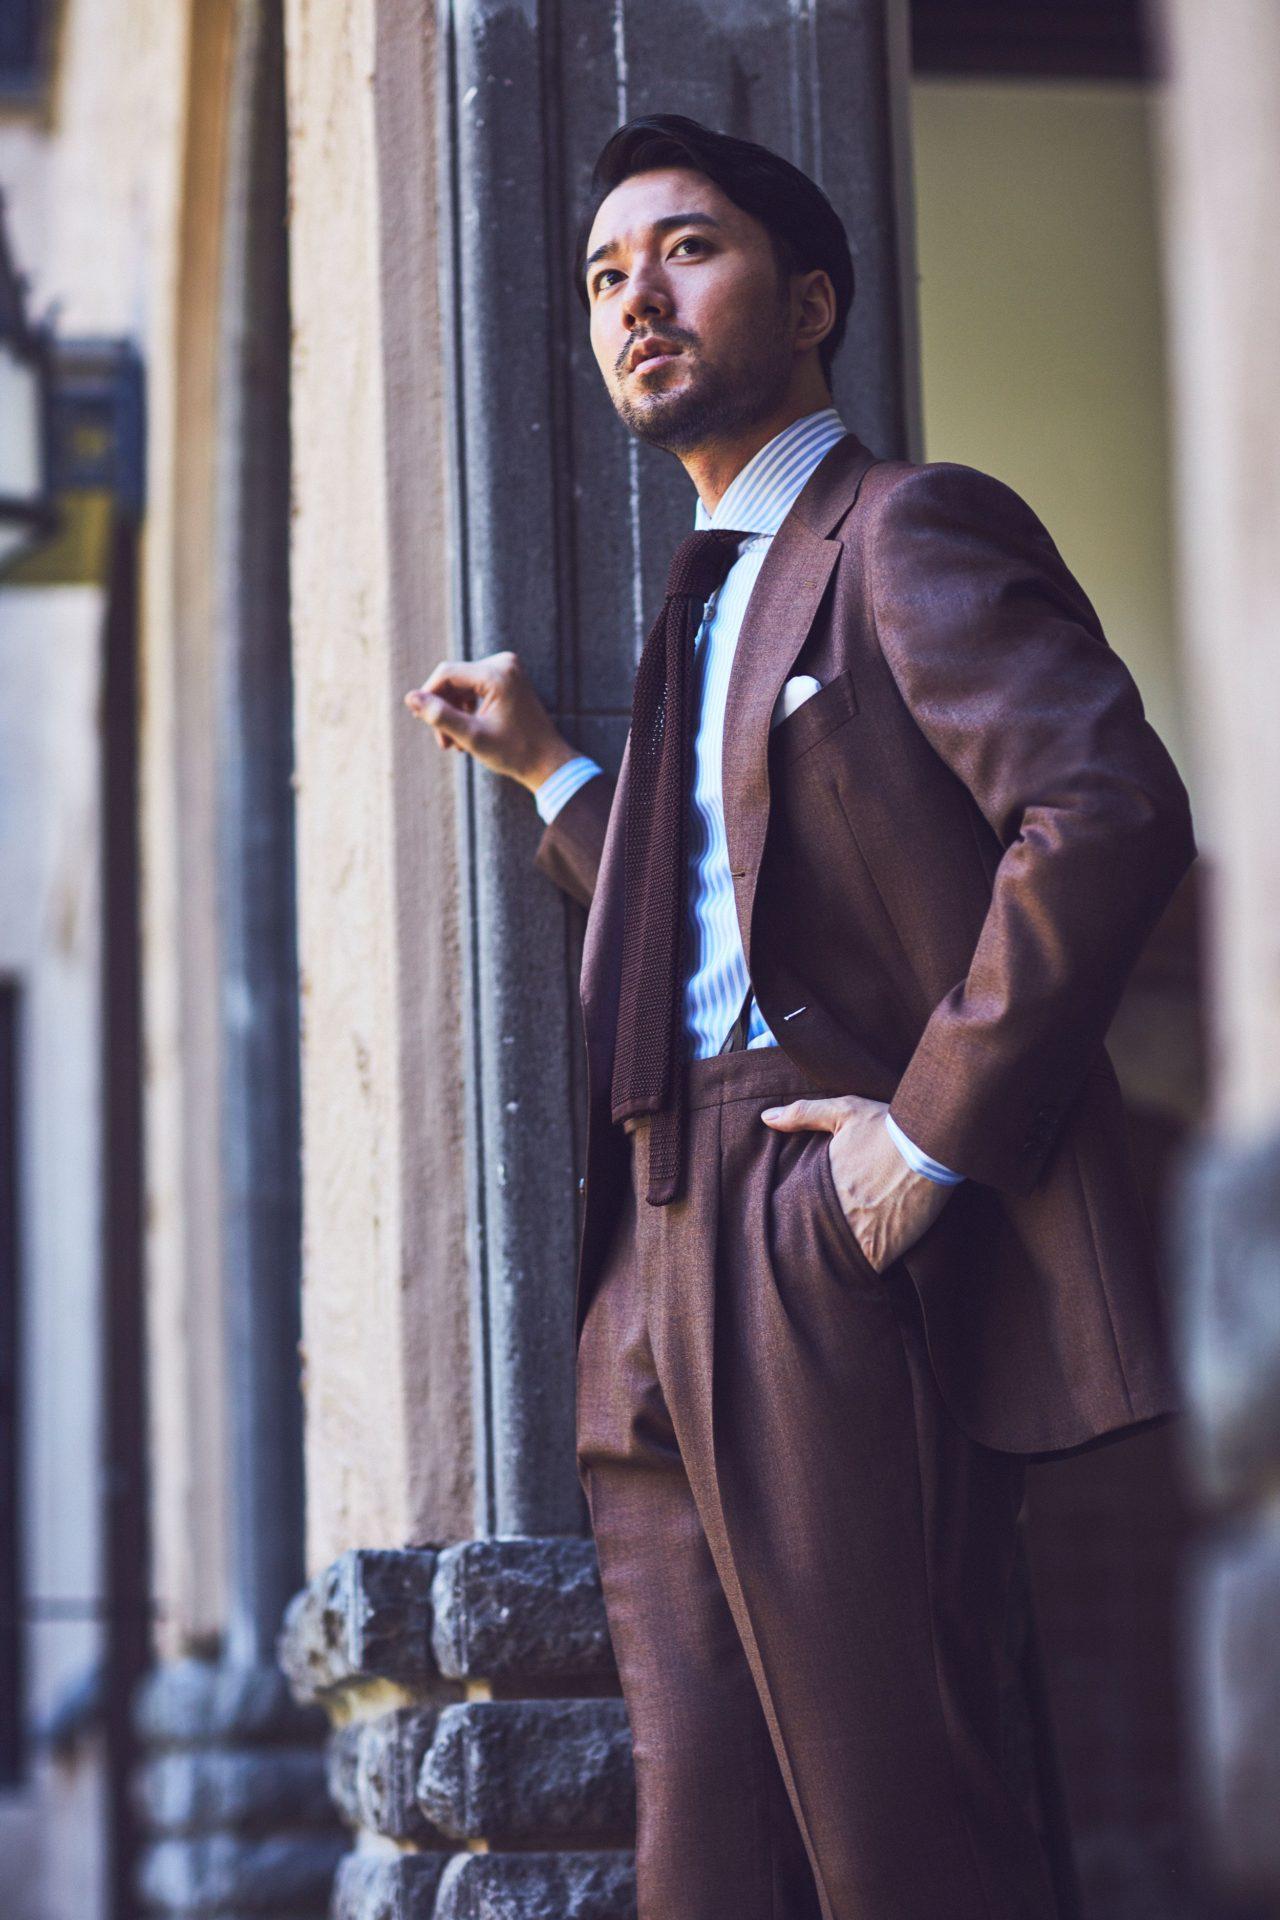 アット ヴァンヌッチ(Atto Vannucci)のブラウンのニットタイをにブラウンのオーダースーツ合わせる事で、ビジネスシーンの装いをエレガントに演出します。